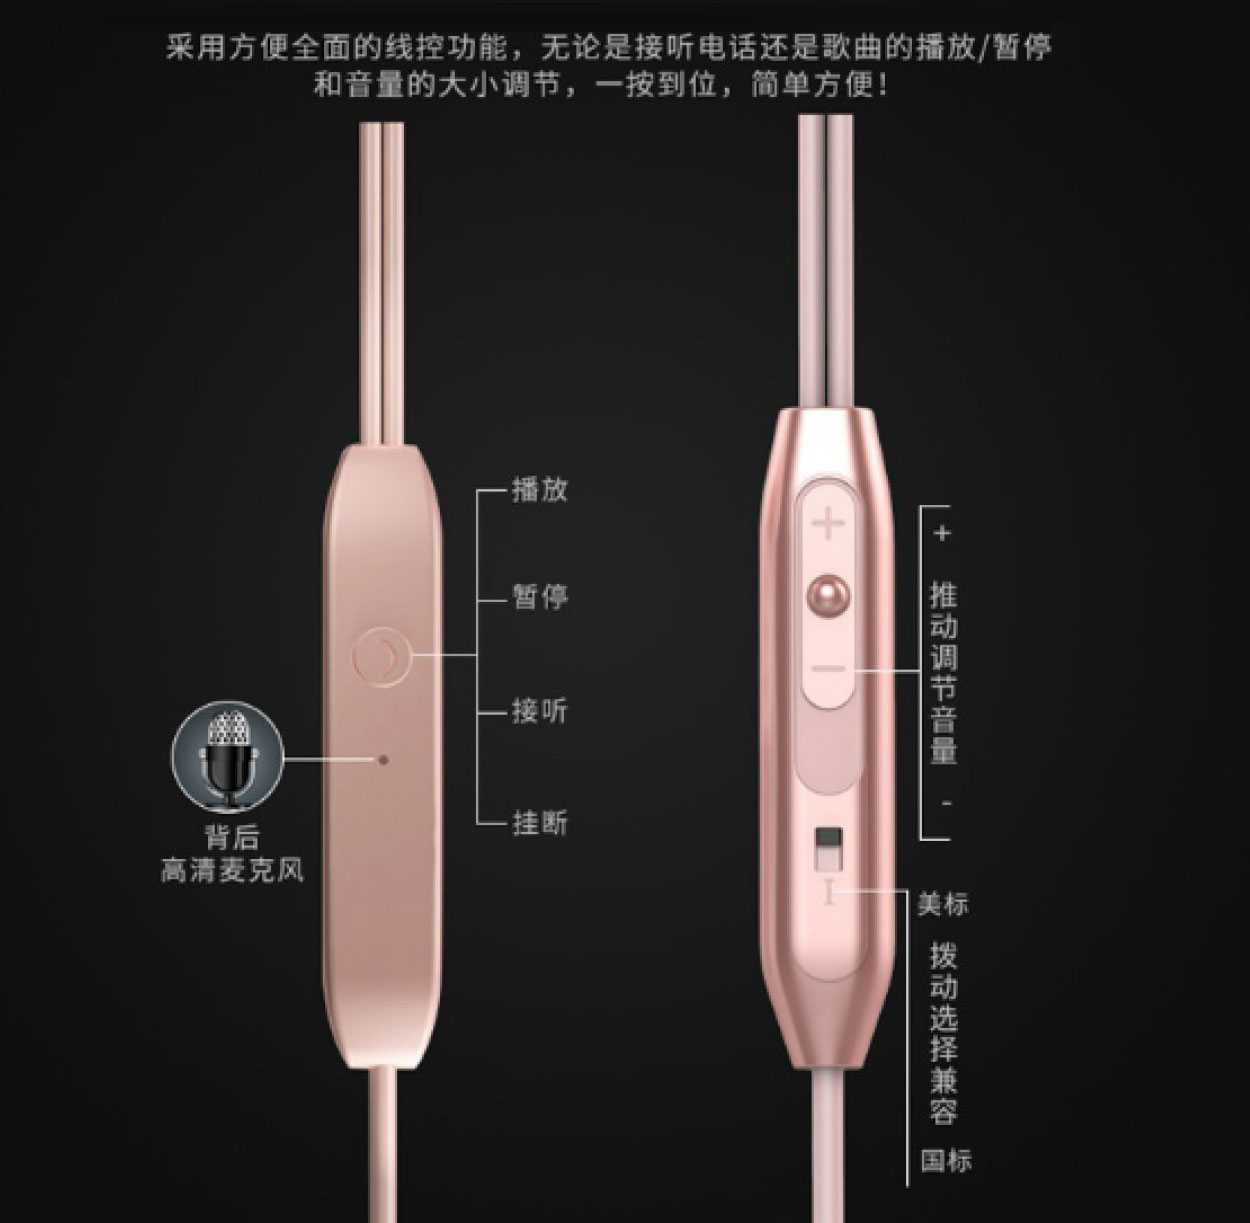 3.5mm磁吸有线耳机